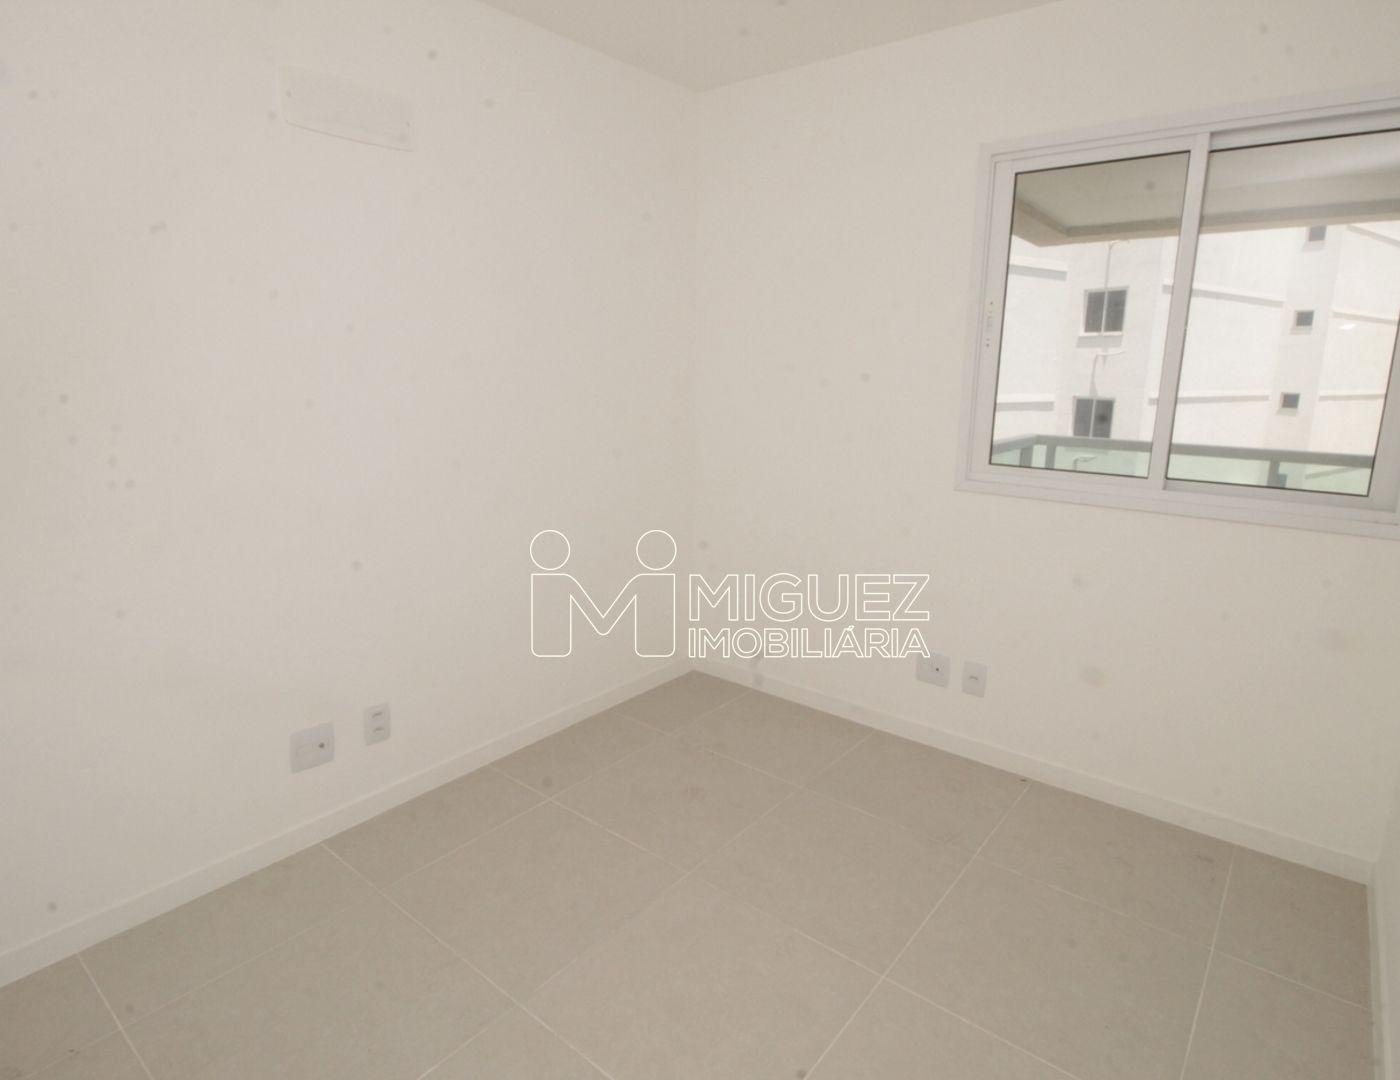 Apartamento, aluguel, Rua Senador Furtado - Tijuca , Rio de janeiro